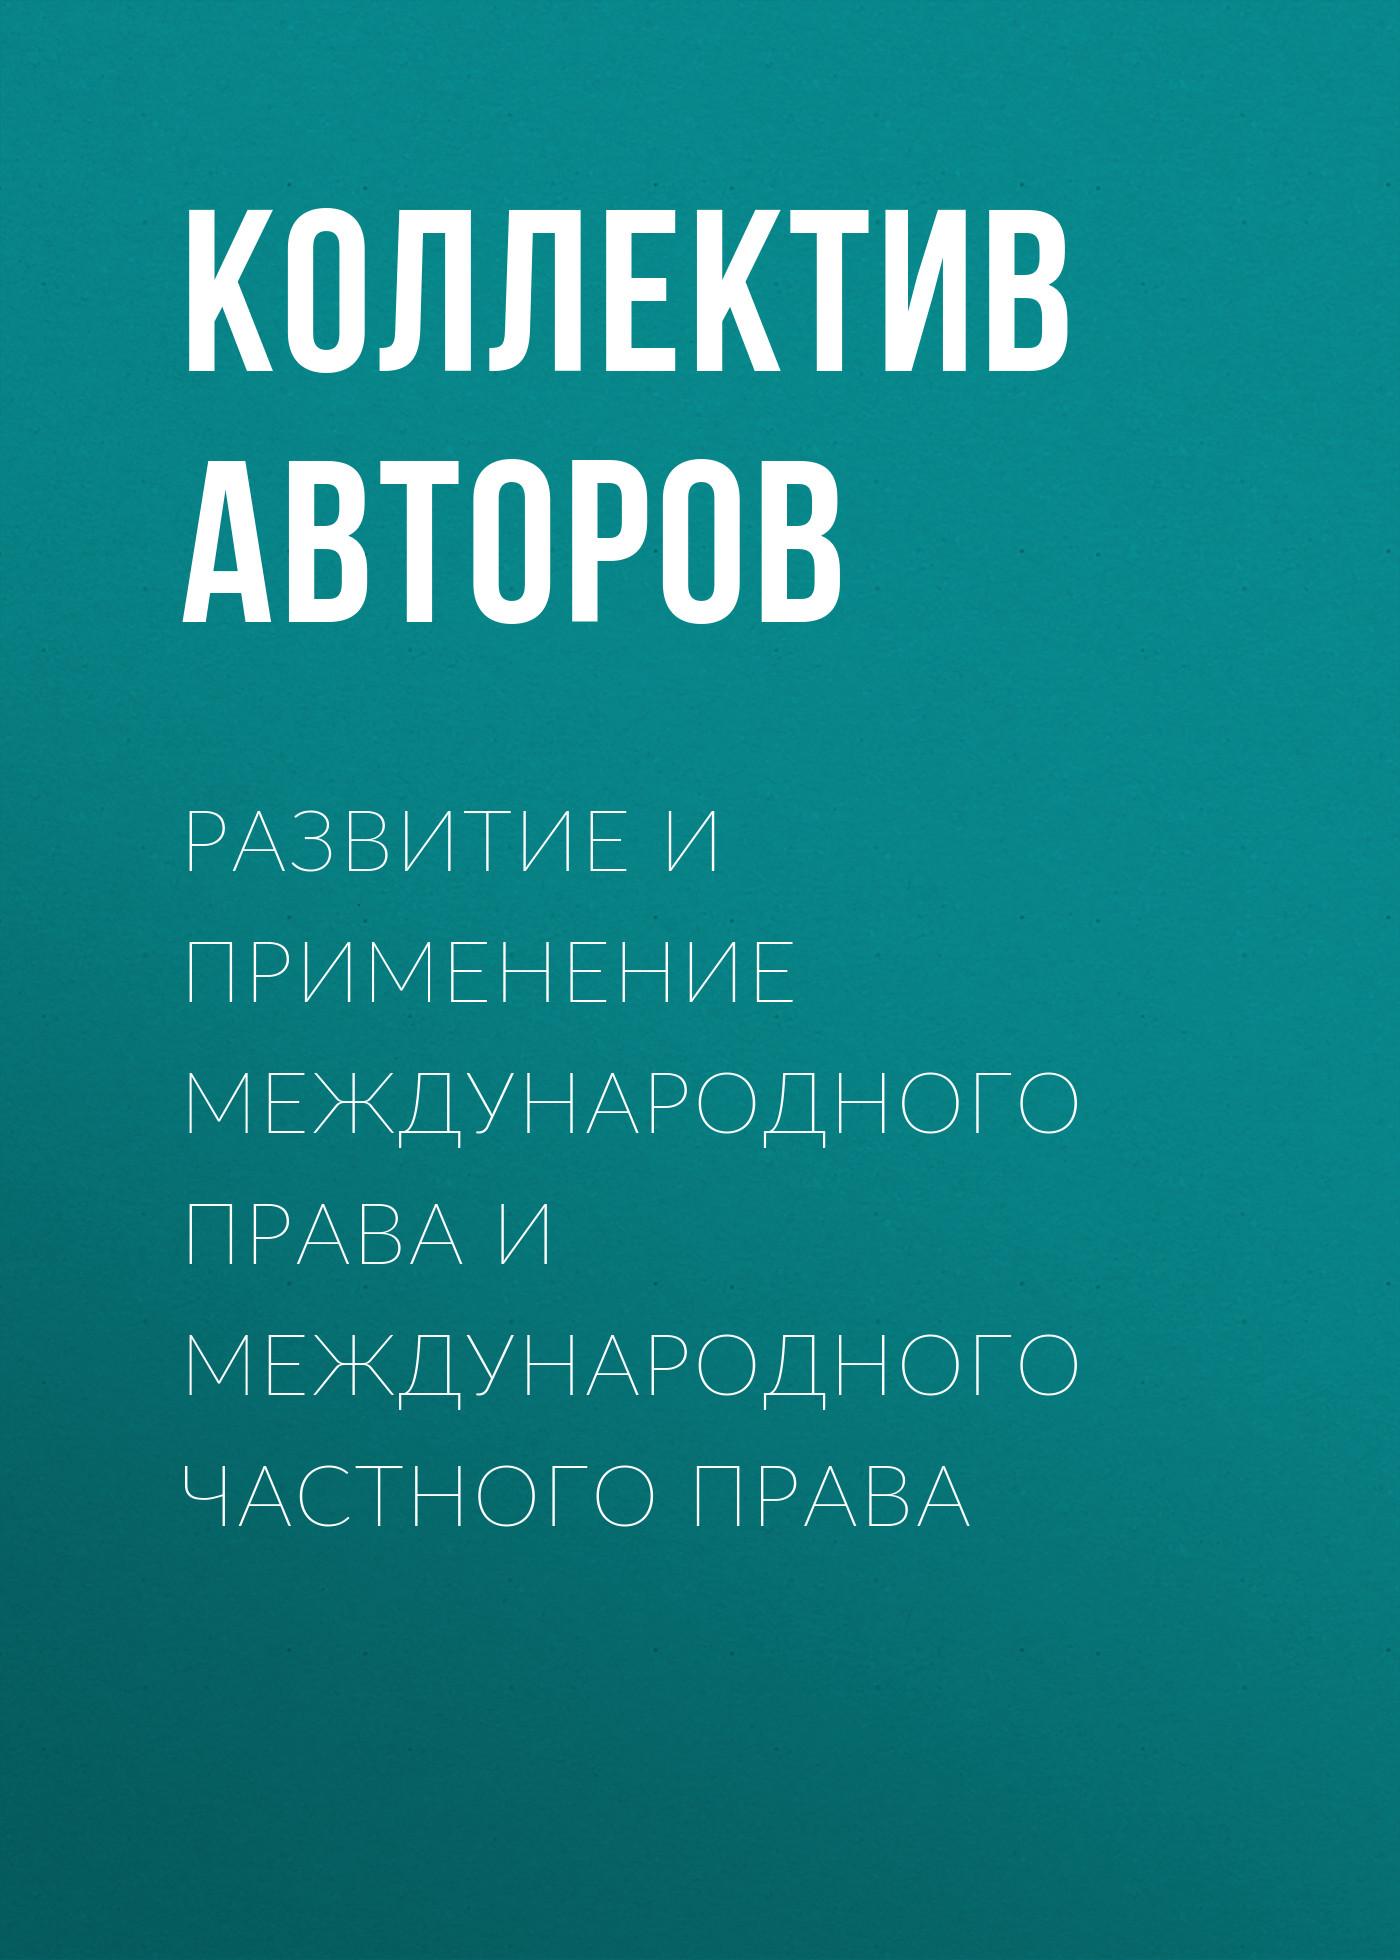 Коллектив авторов Развитие и применение международного права и международного частного права